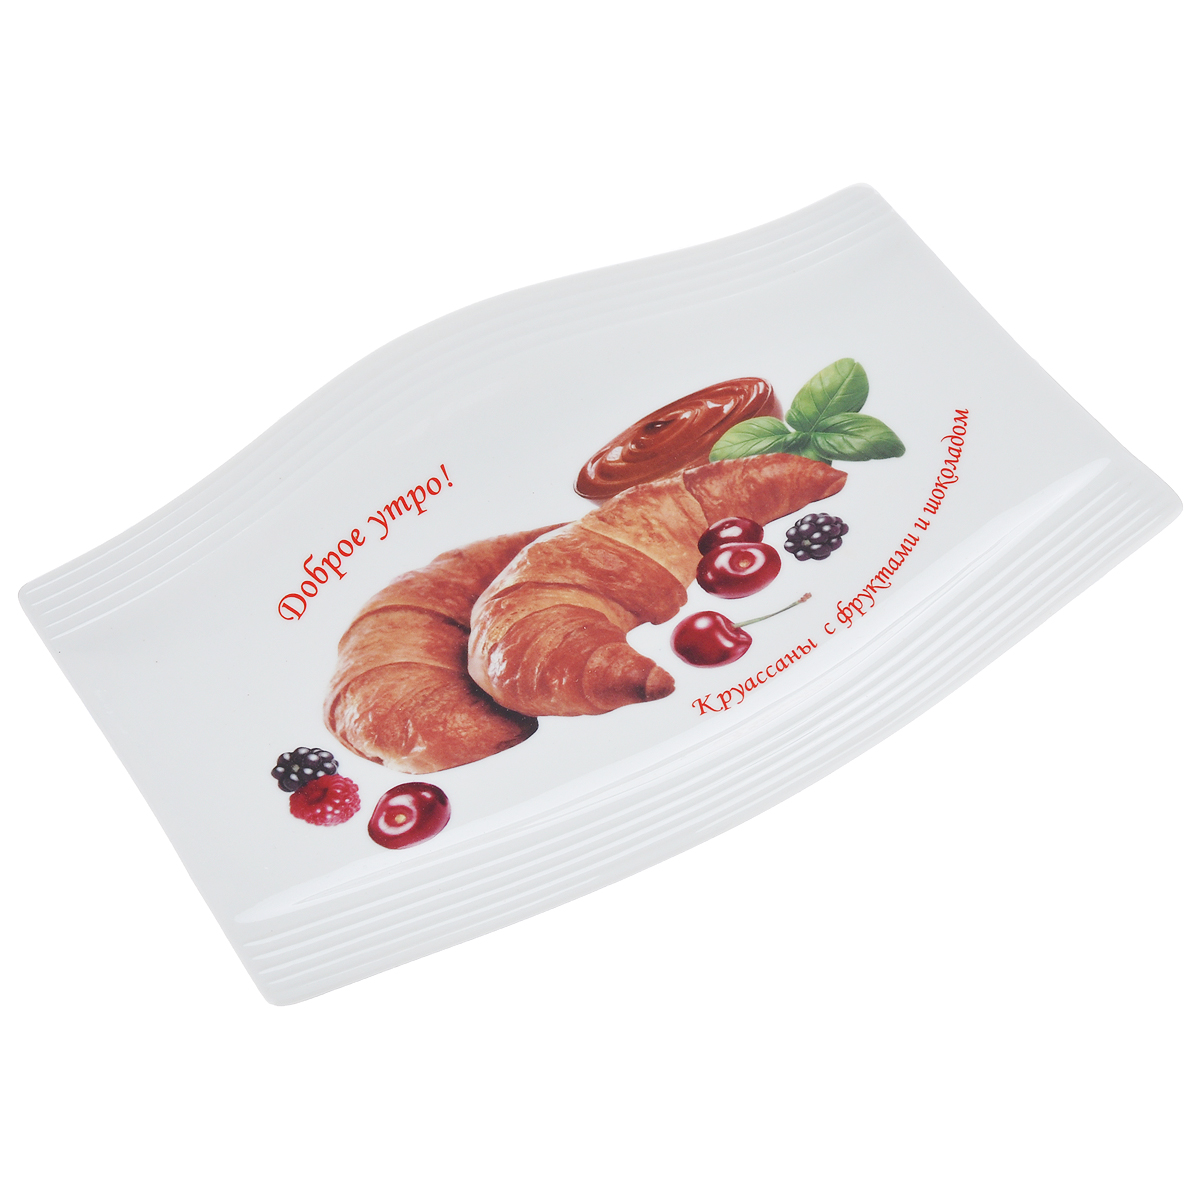 Блюдо LarangE Круассаны с фруктами и шоколадом, 25 х 17,5 см589-320Блюдо LarangE Круассаны с фруктами и шоколадом изготовлено из прочного высококачественного фарфора. Изделие украшено изображением сырников.Пусть ваше утро начинается с незабываемого завтрака!Можно использовать в СВЧ печах, духовом шкафу и холодильнике. Не применять абразивные чистящие вещества.Размер блюда: 25 см х 17,5 см. Высота блюда: 2 см.